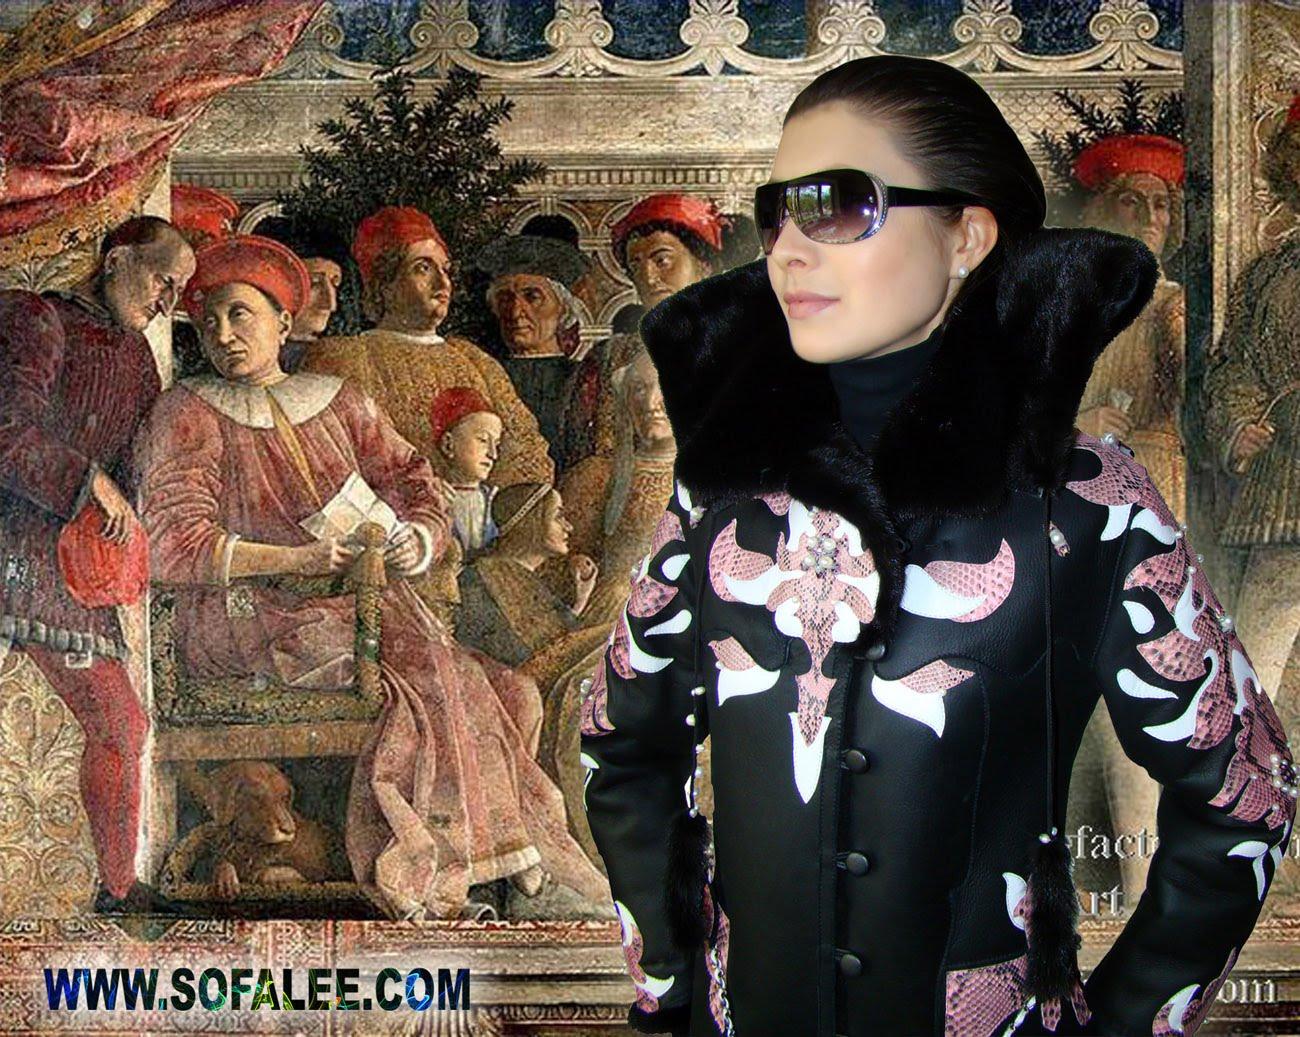 Зимняя одежда от модельера Sofalee